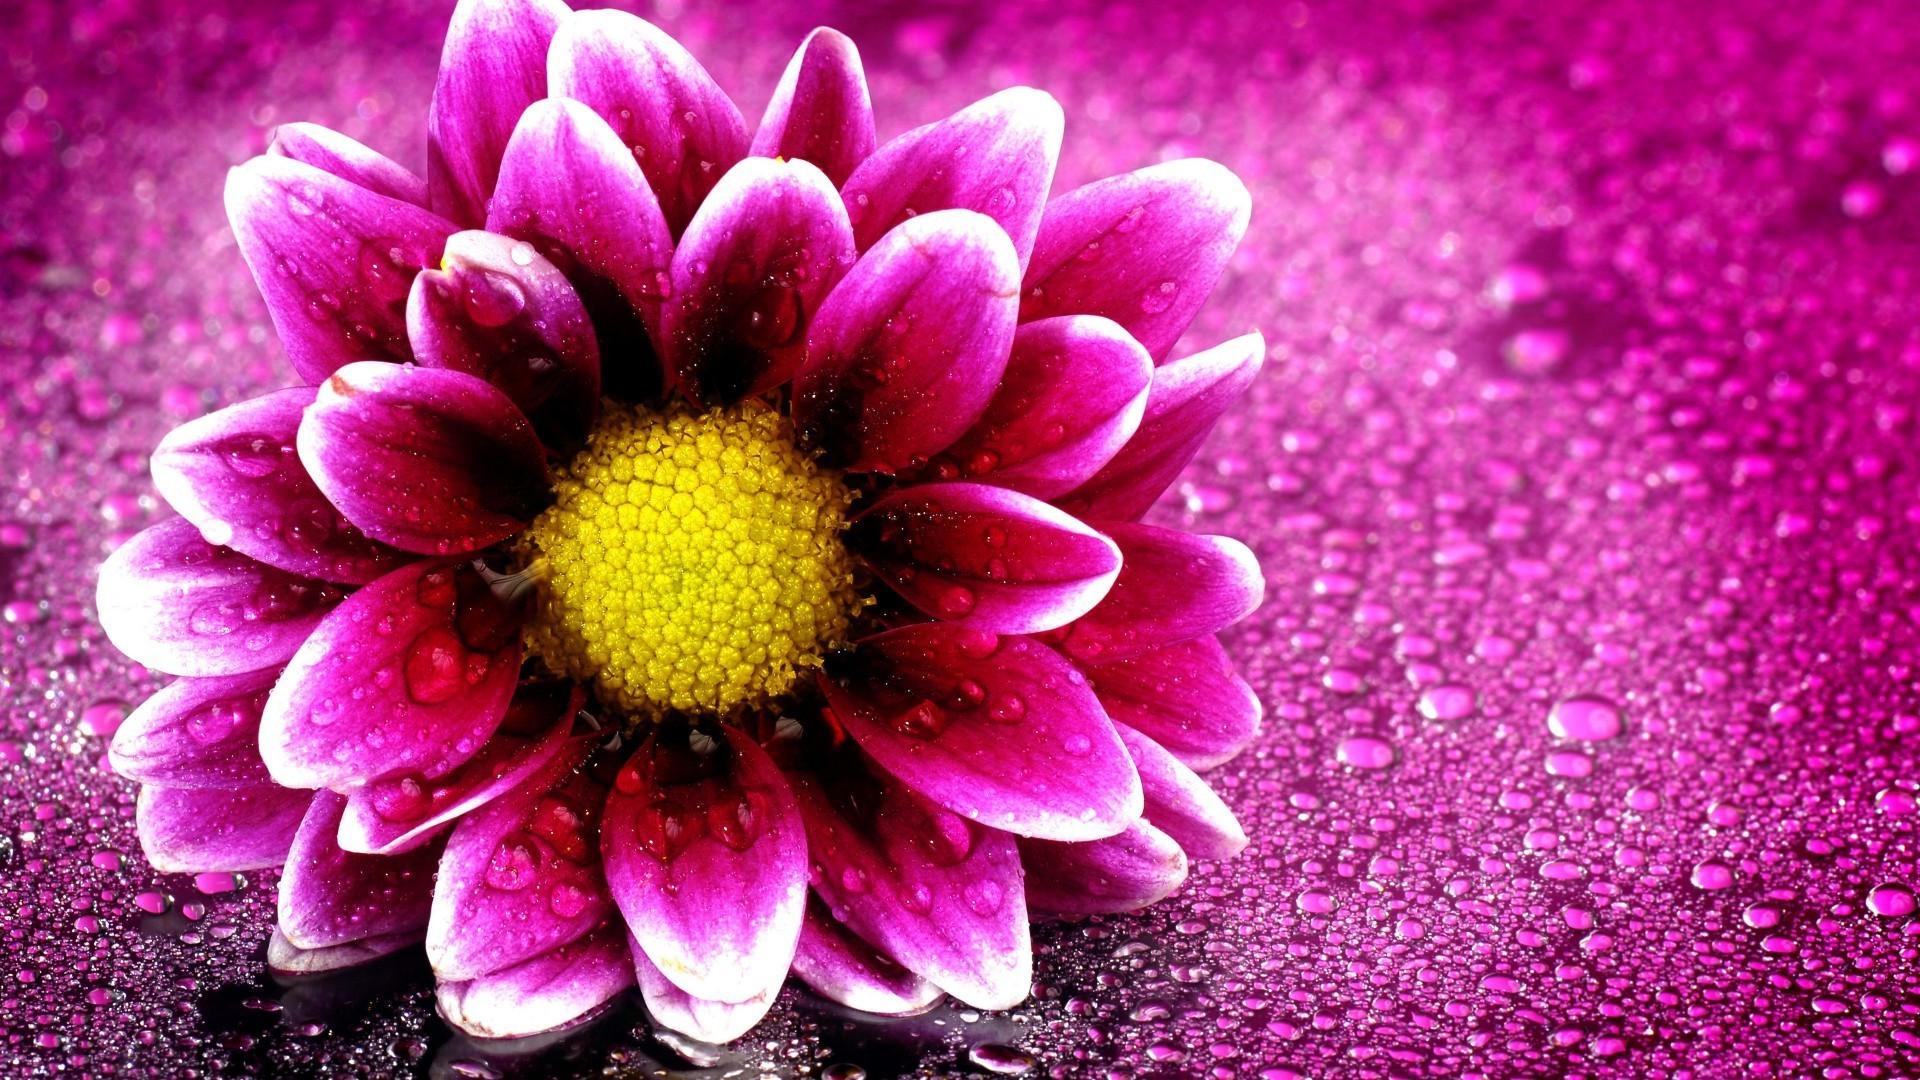 Beauty Flower Wallpaper Hd - Beautiful Flowers Wallpaper Hd , HD Wallpaper & Backgrounds